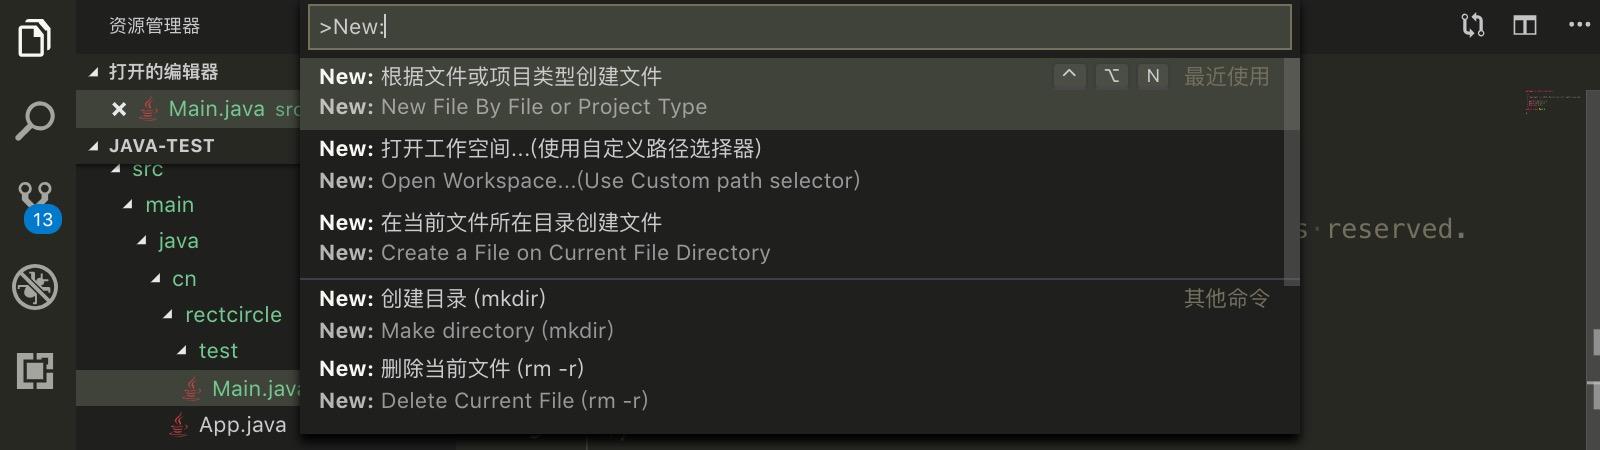 通过命令面板或快捷键打开扩展